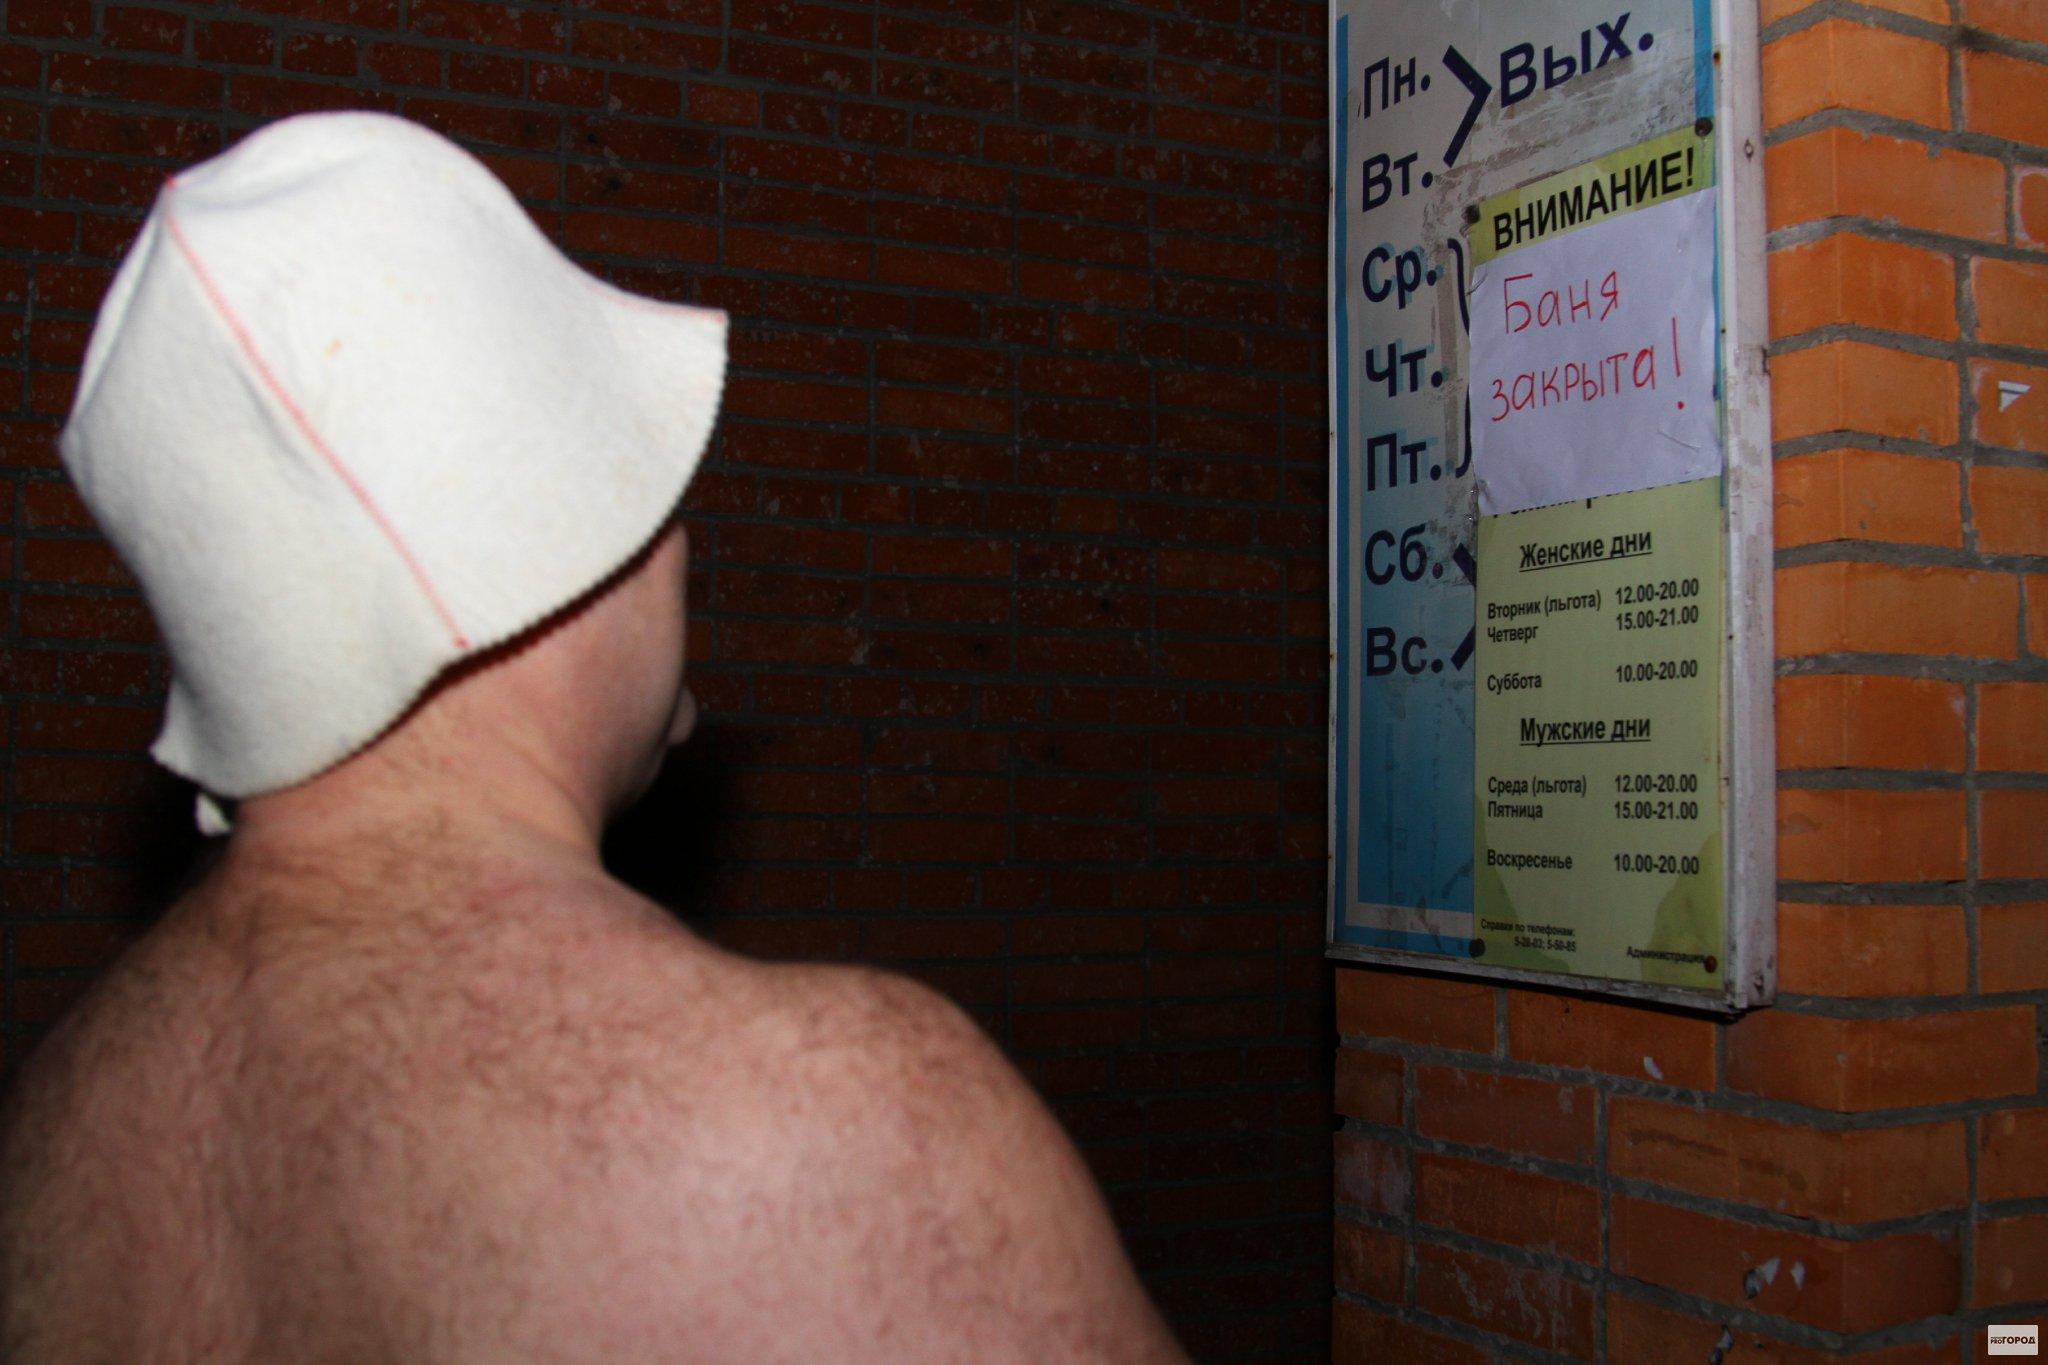 В городе назревает скандал: персонал бани в Кирово-Чепецке выступает против закрытия заведения